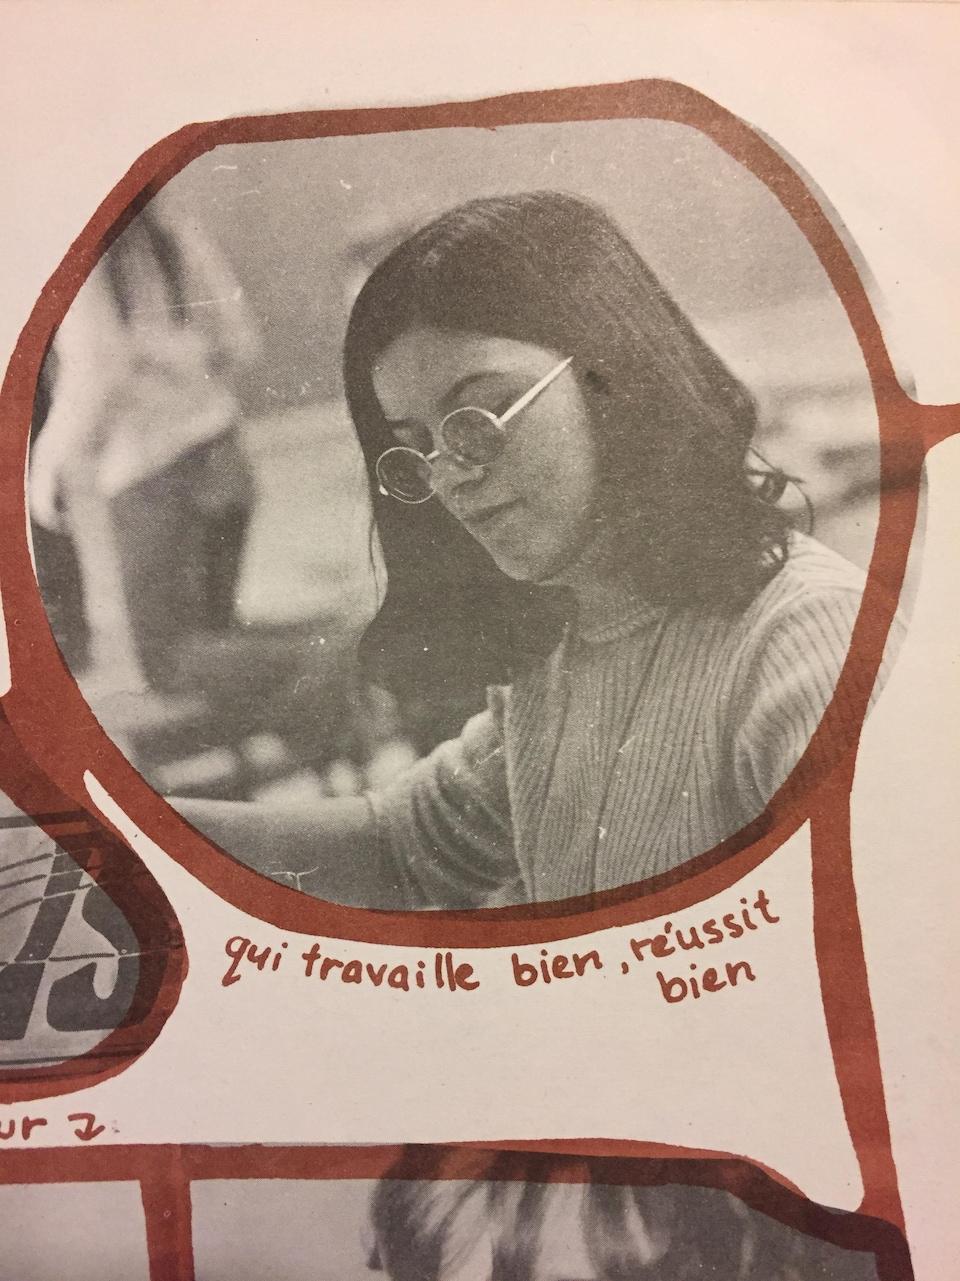 Sur cette photo en noir et blanc, on voit denise truax alors âgée de 17 ou 18 ans; lunettes rondes et cheveux droits jusqu'aux épaules.